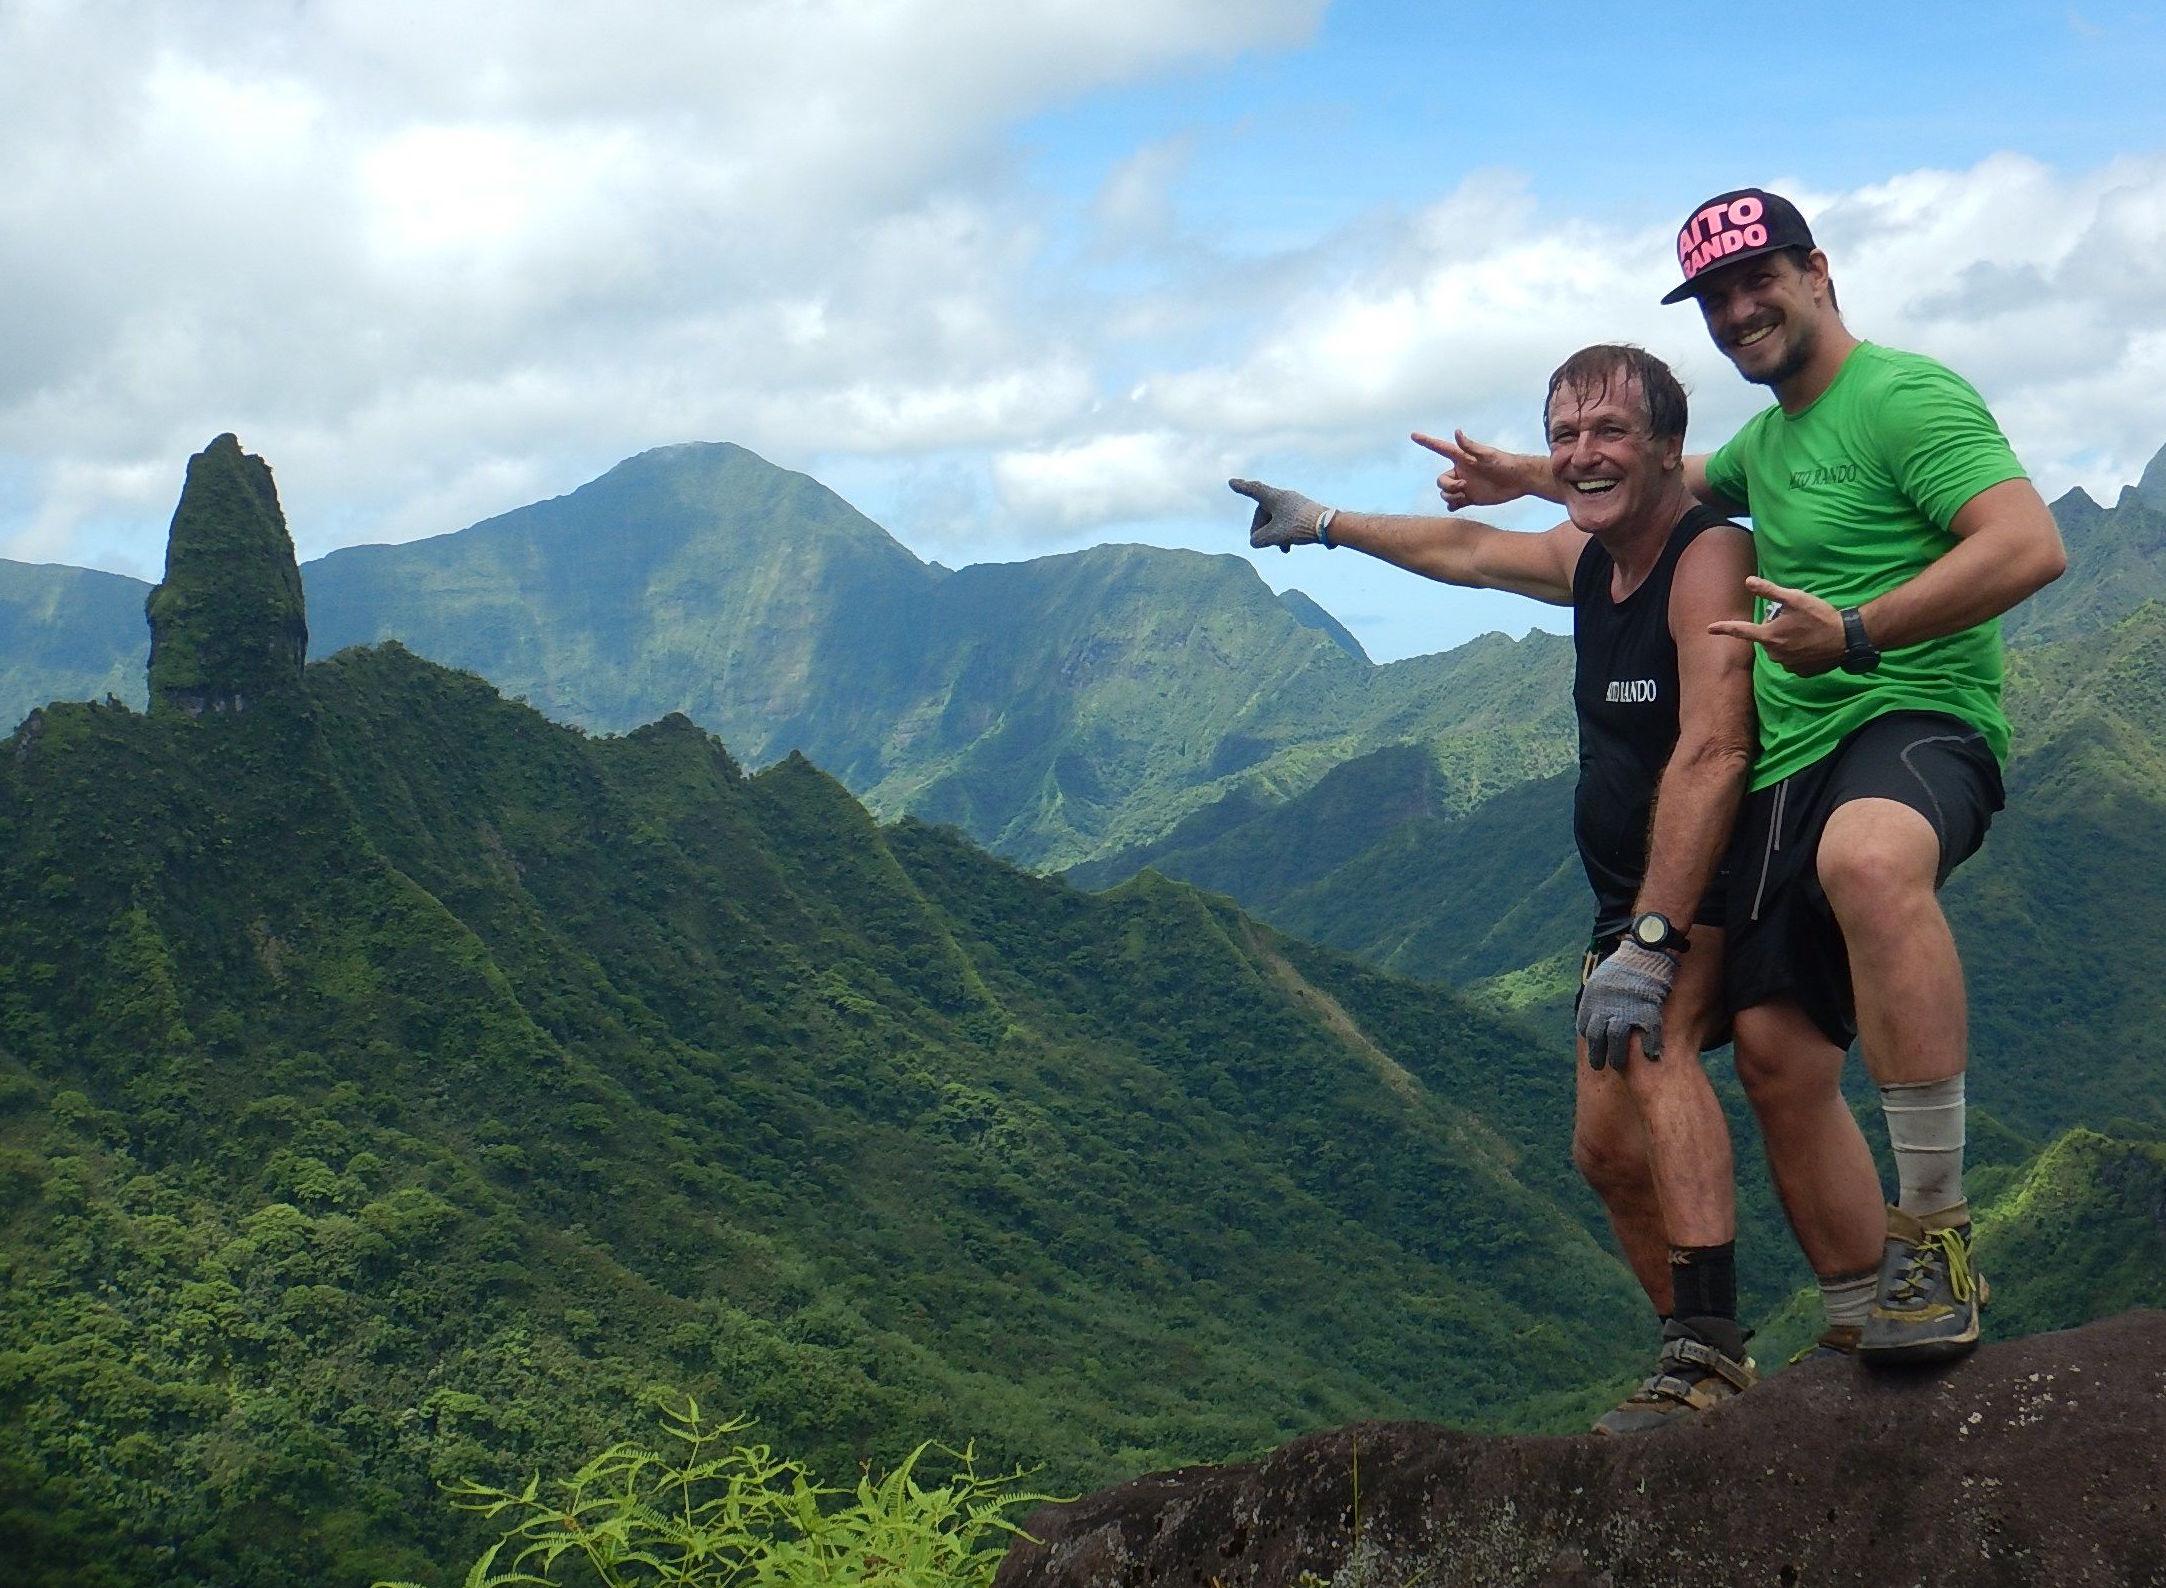 Aito Rando, c'est une affaire entre un père et un fils, le tandem Leyral connaissant la montagne tahitienne sur le bout des doigts. Jimmy, le fils, est le président de l'association regroupant les guides professionnels.